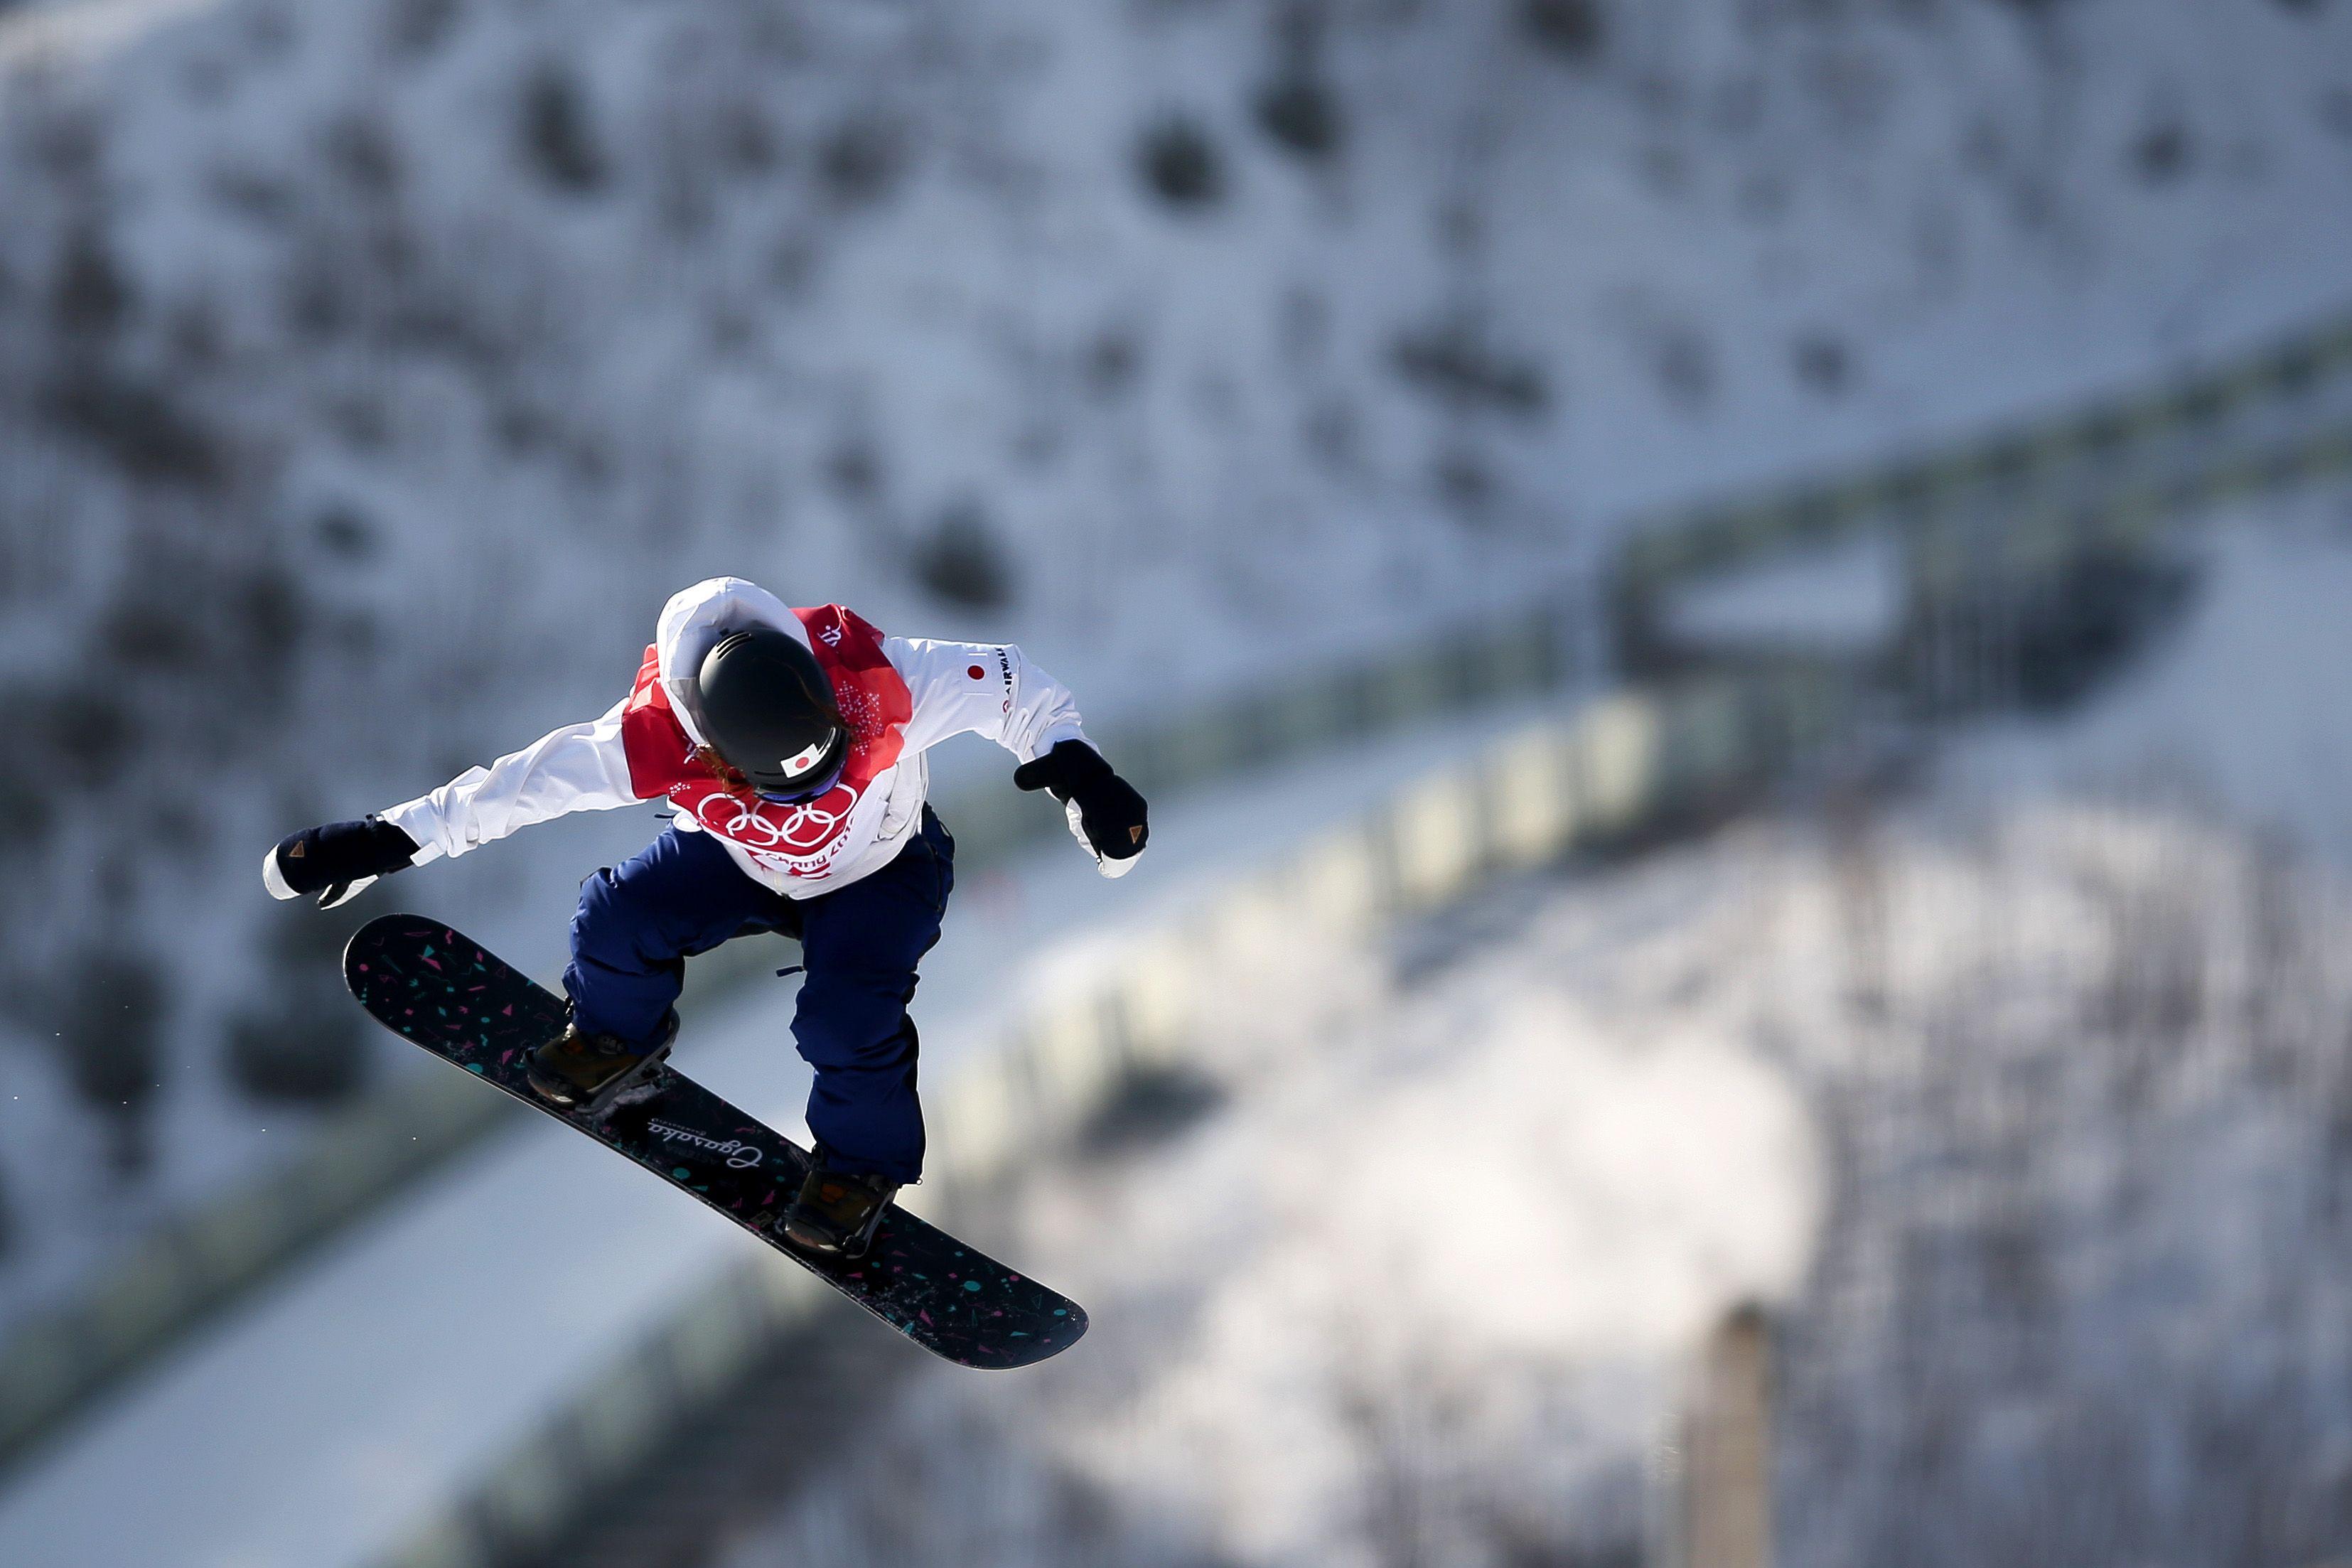 all'avanguardia invernali Olimpiadi tecnico L'abbigliamento 2018 delle qwvAIpxxF5